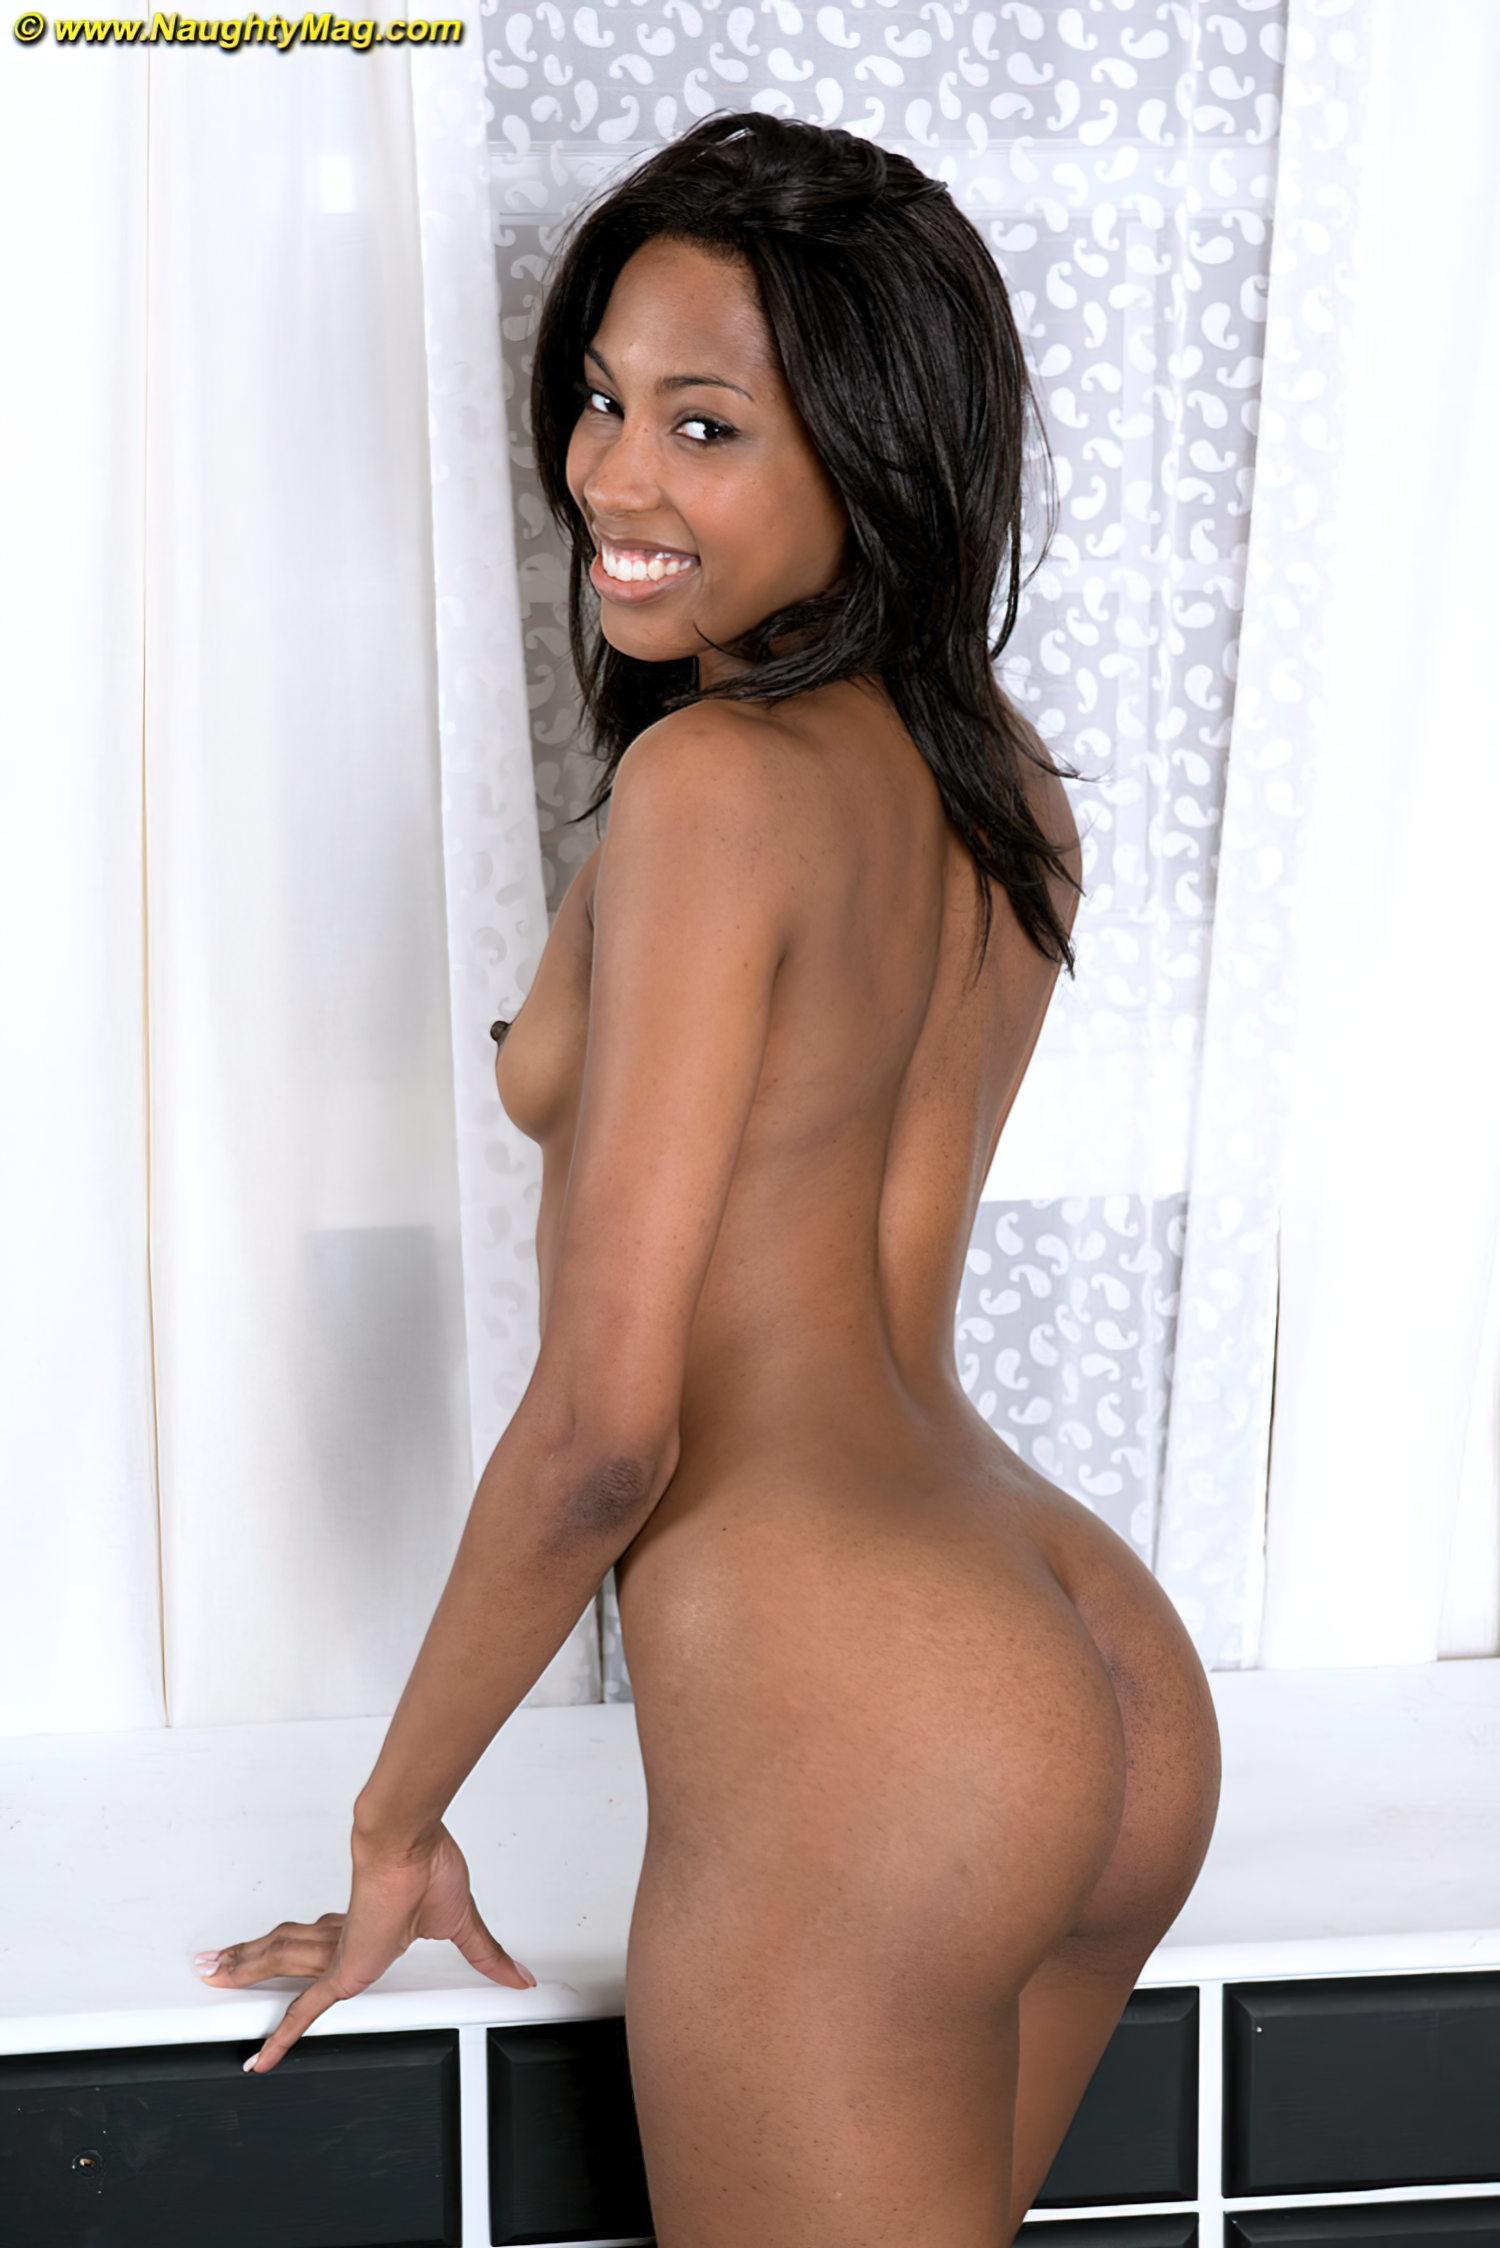 Negra Magrinha Fazendo Strip (11)